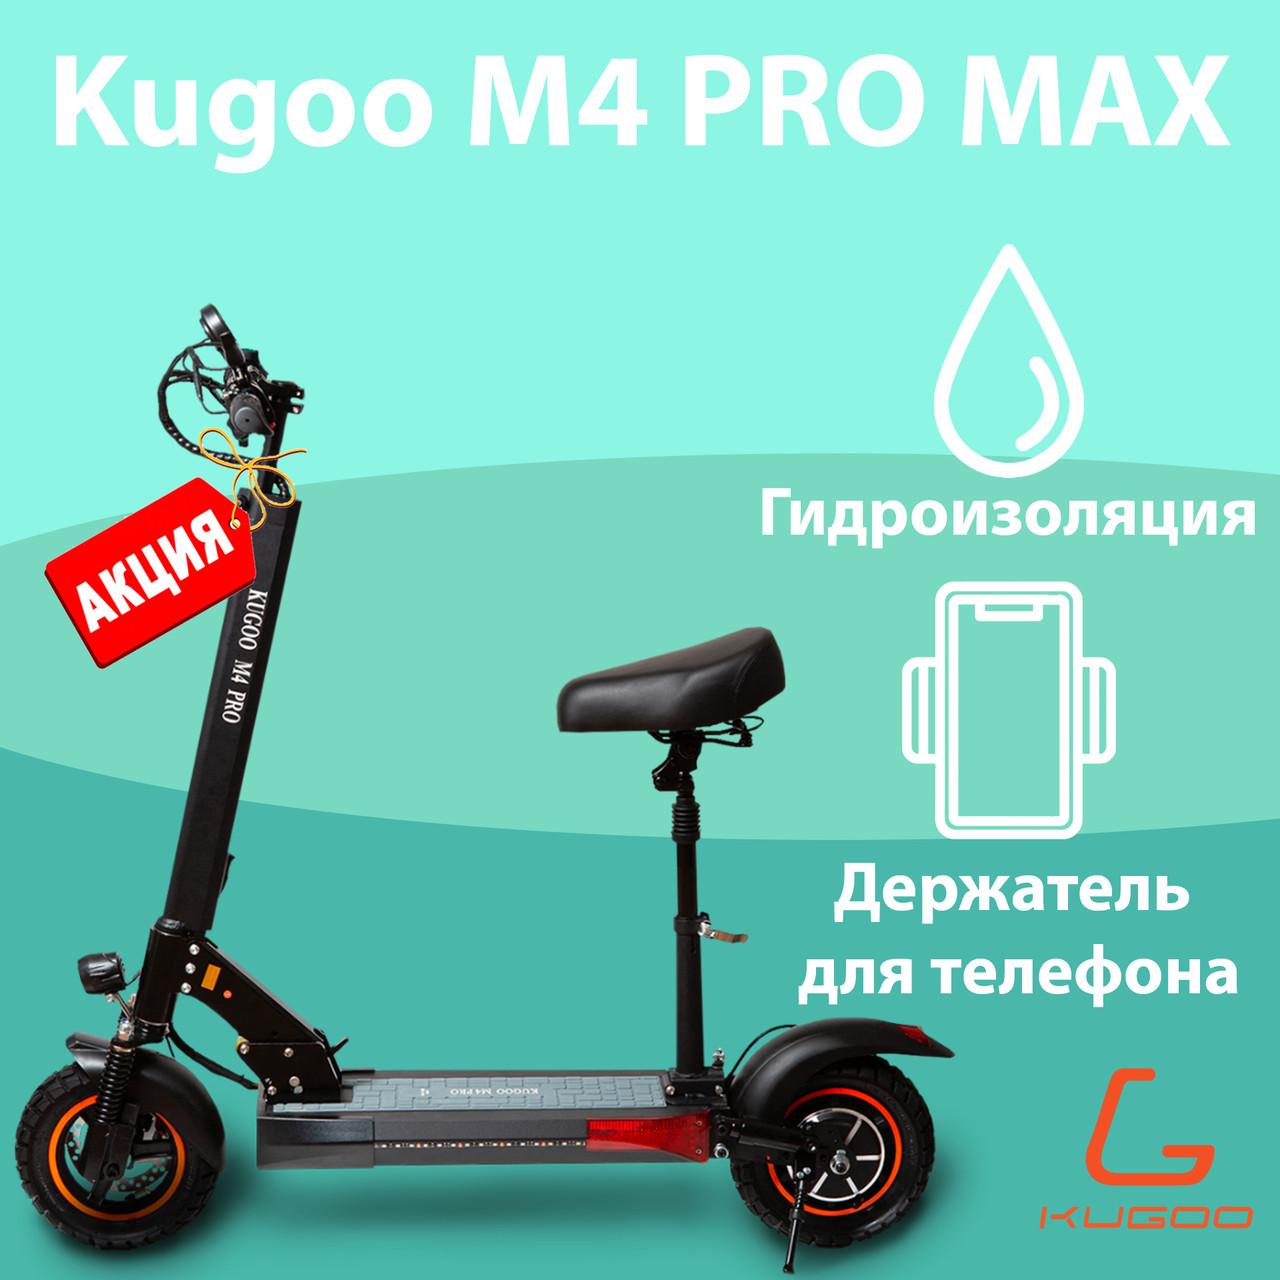 Электросамокат Kugoo M4 Pro Маx 18Ah (2020г), с полной гидроизоляцией